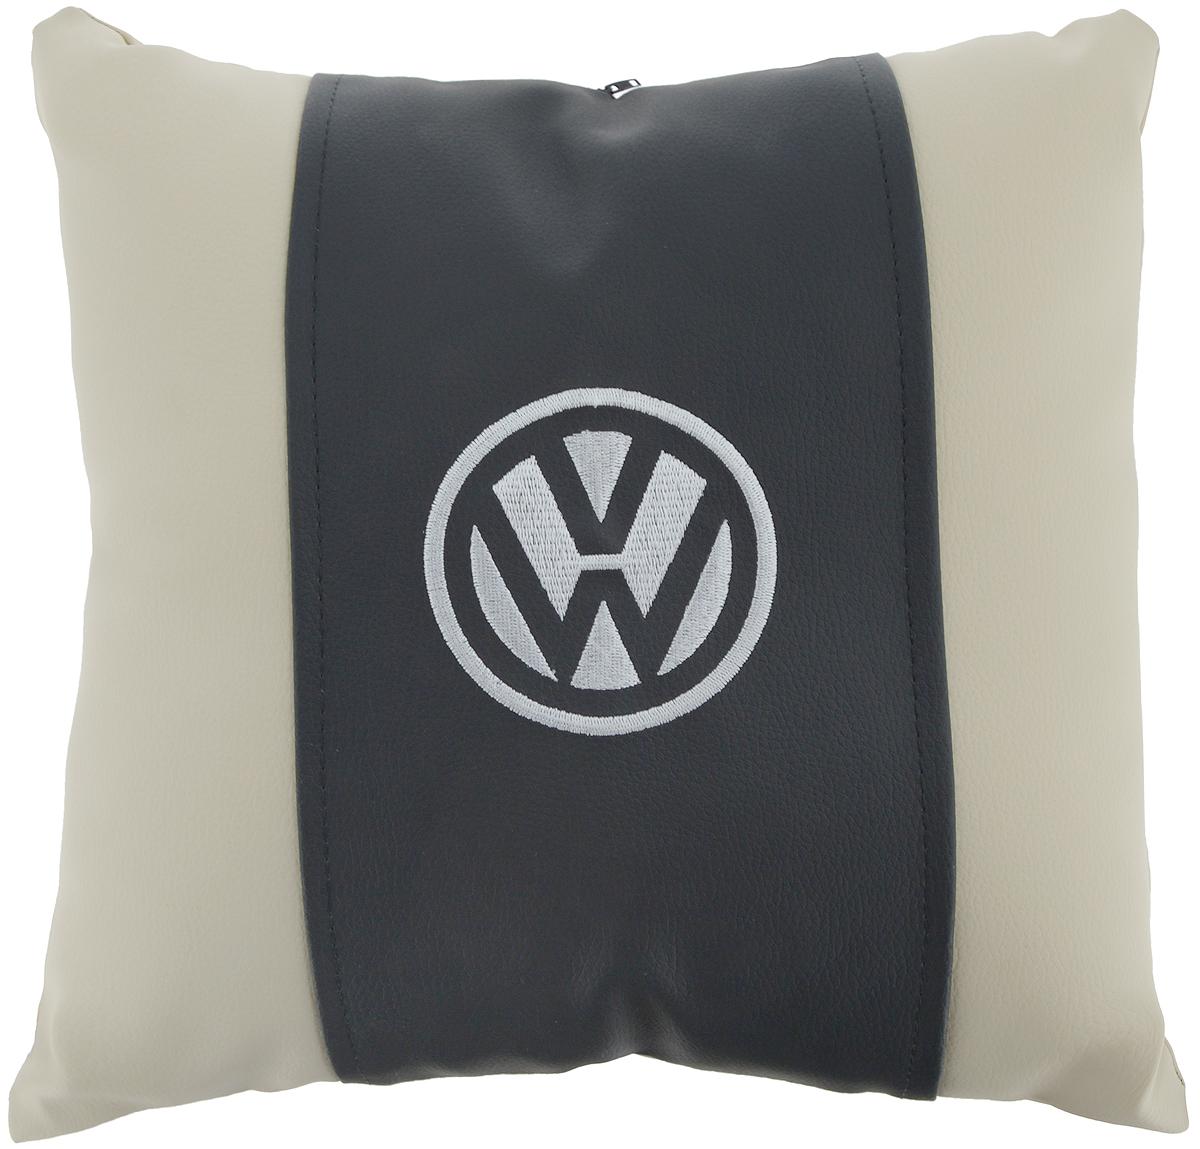 Подушка на сиденье Autoparts Volkswagen, 30 х 30 см21395599Подушка на сиденье Autoparts Volkswagen создана для тех, кто весь свой день вынужден проводить за рулем. Чехол выполнен из высококачественной дышащей экокожи. Наполнителем служит холлофайбер. На задней части подушки имеется змейка.Особенности подушки:- Хорошо проветривается.- Предупреждает потение.- Поддерживает комфортную температуру.- Обминается по форме тела.- Улучшает кровообращение.- Исключает затечные явления.- Предупреждает развитие заболеваний, связанных с сидячим образом жизни. Подушка также будет полезна и дома - при работе за компьютером, школьникам - при выполнении домашних работ, да и в любимом кресле перед телевизором.